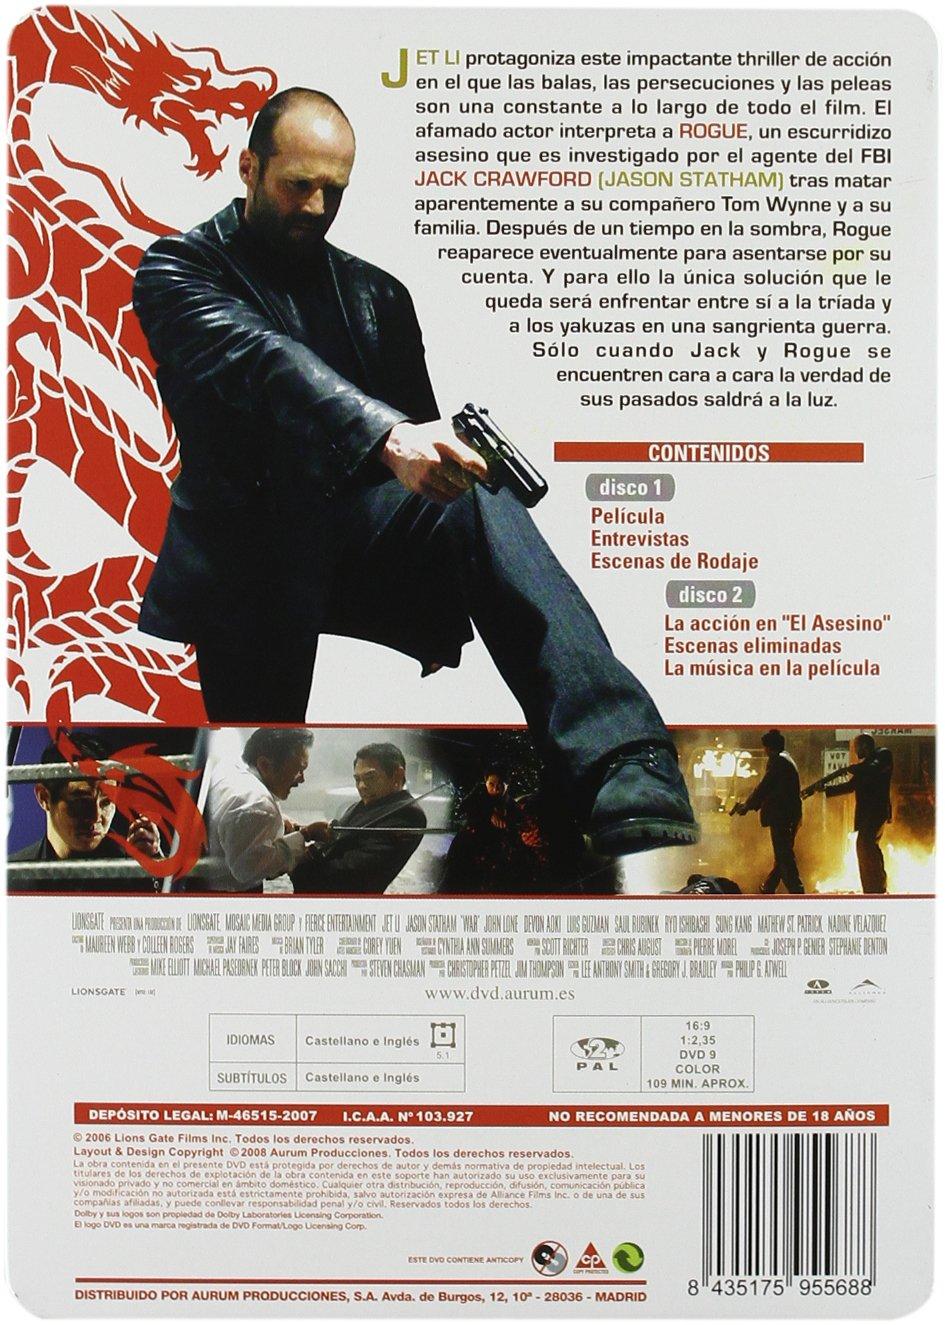 Amazon.com: El Asesino (Caja Metalica) (Import Movie) (European Format - Zone 2) (2008) Varios: Movies & TV